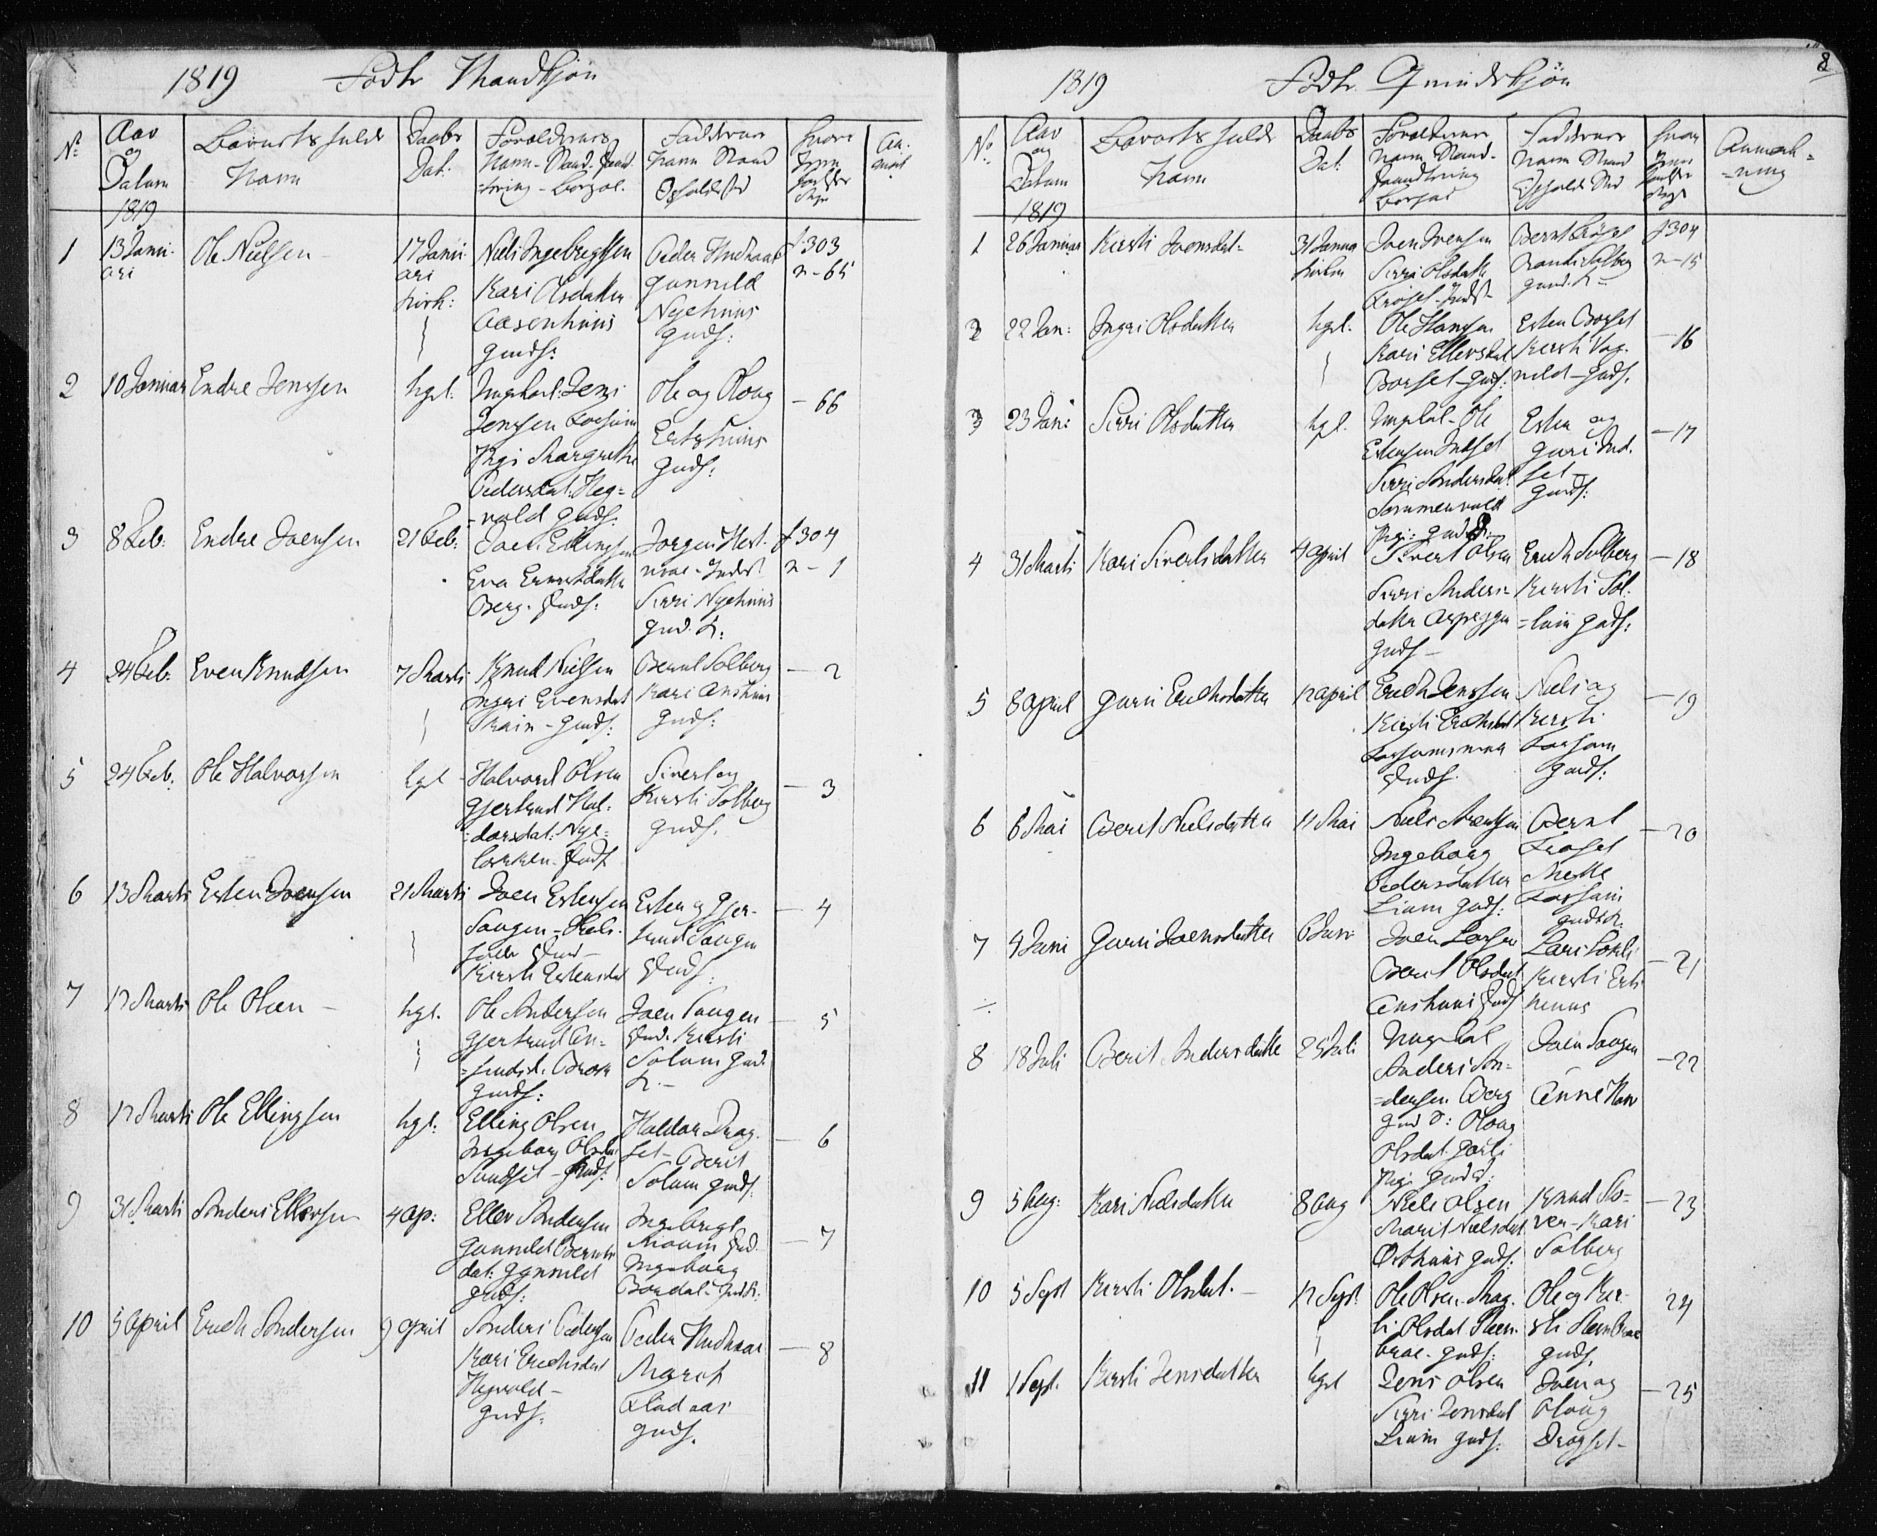 SAT, Ministerialprotokoller, klokkerbøker og fødselsregistre - Sør-Trøndelag, 689/L1043: Klokkerbok nr. 689C02, 1816-1892, s. 8